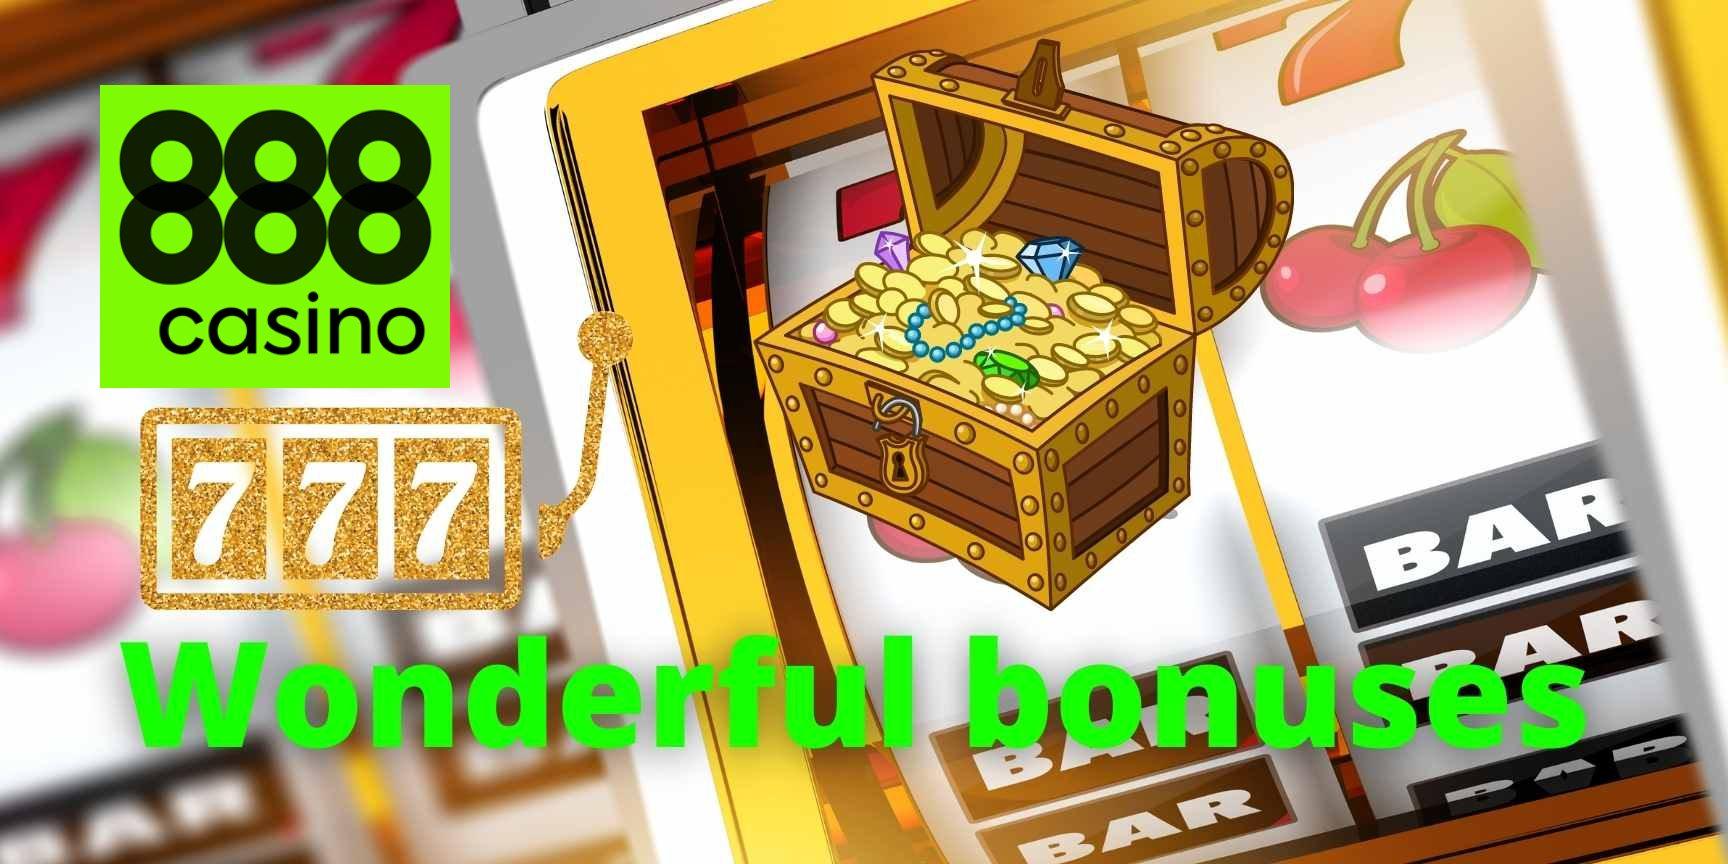 888 casino wonderful bonuses